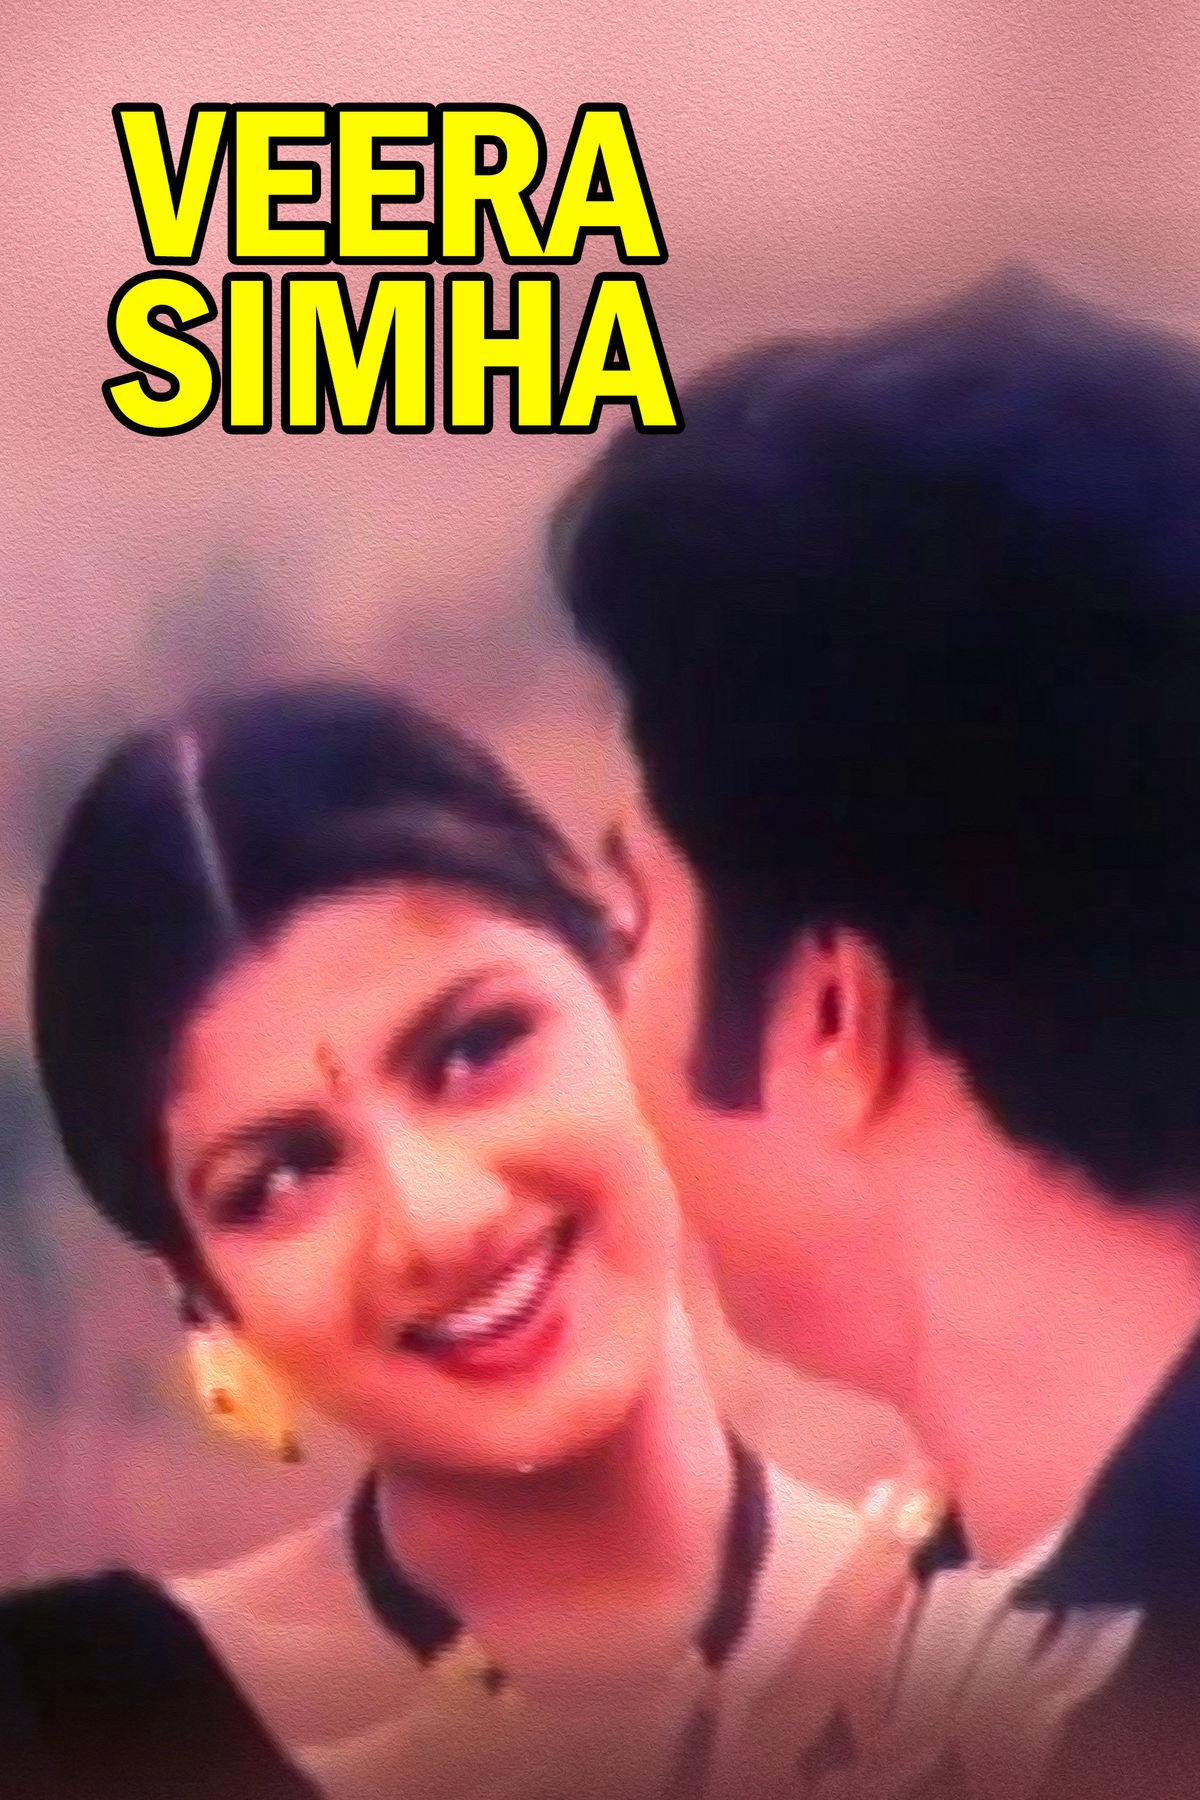 Veera Simha